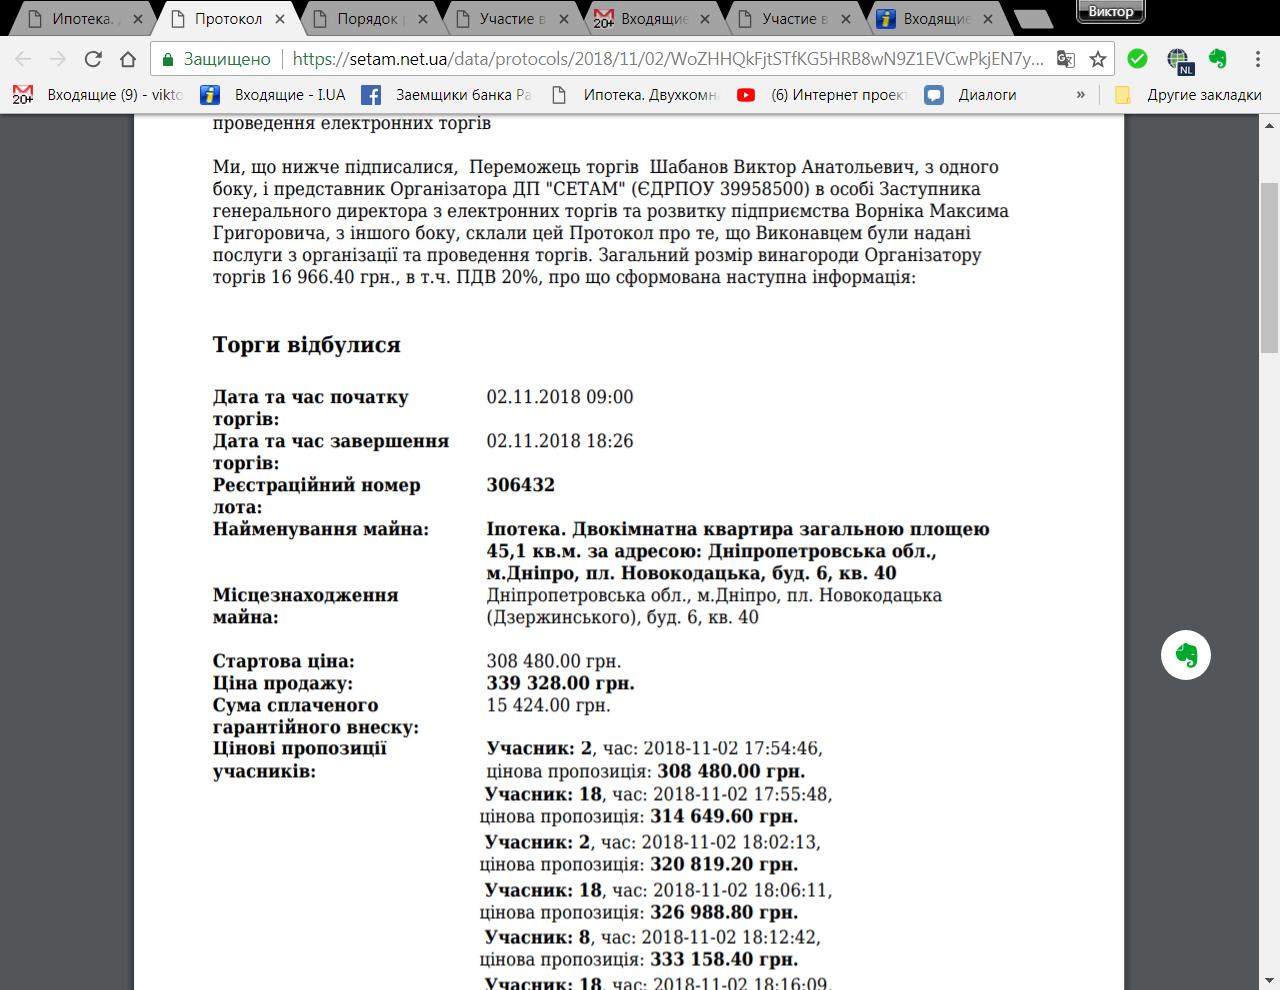 image http://forum.setam.net.ua/assets/images/617-mXf1ECx7V5JTdo96.png